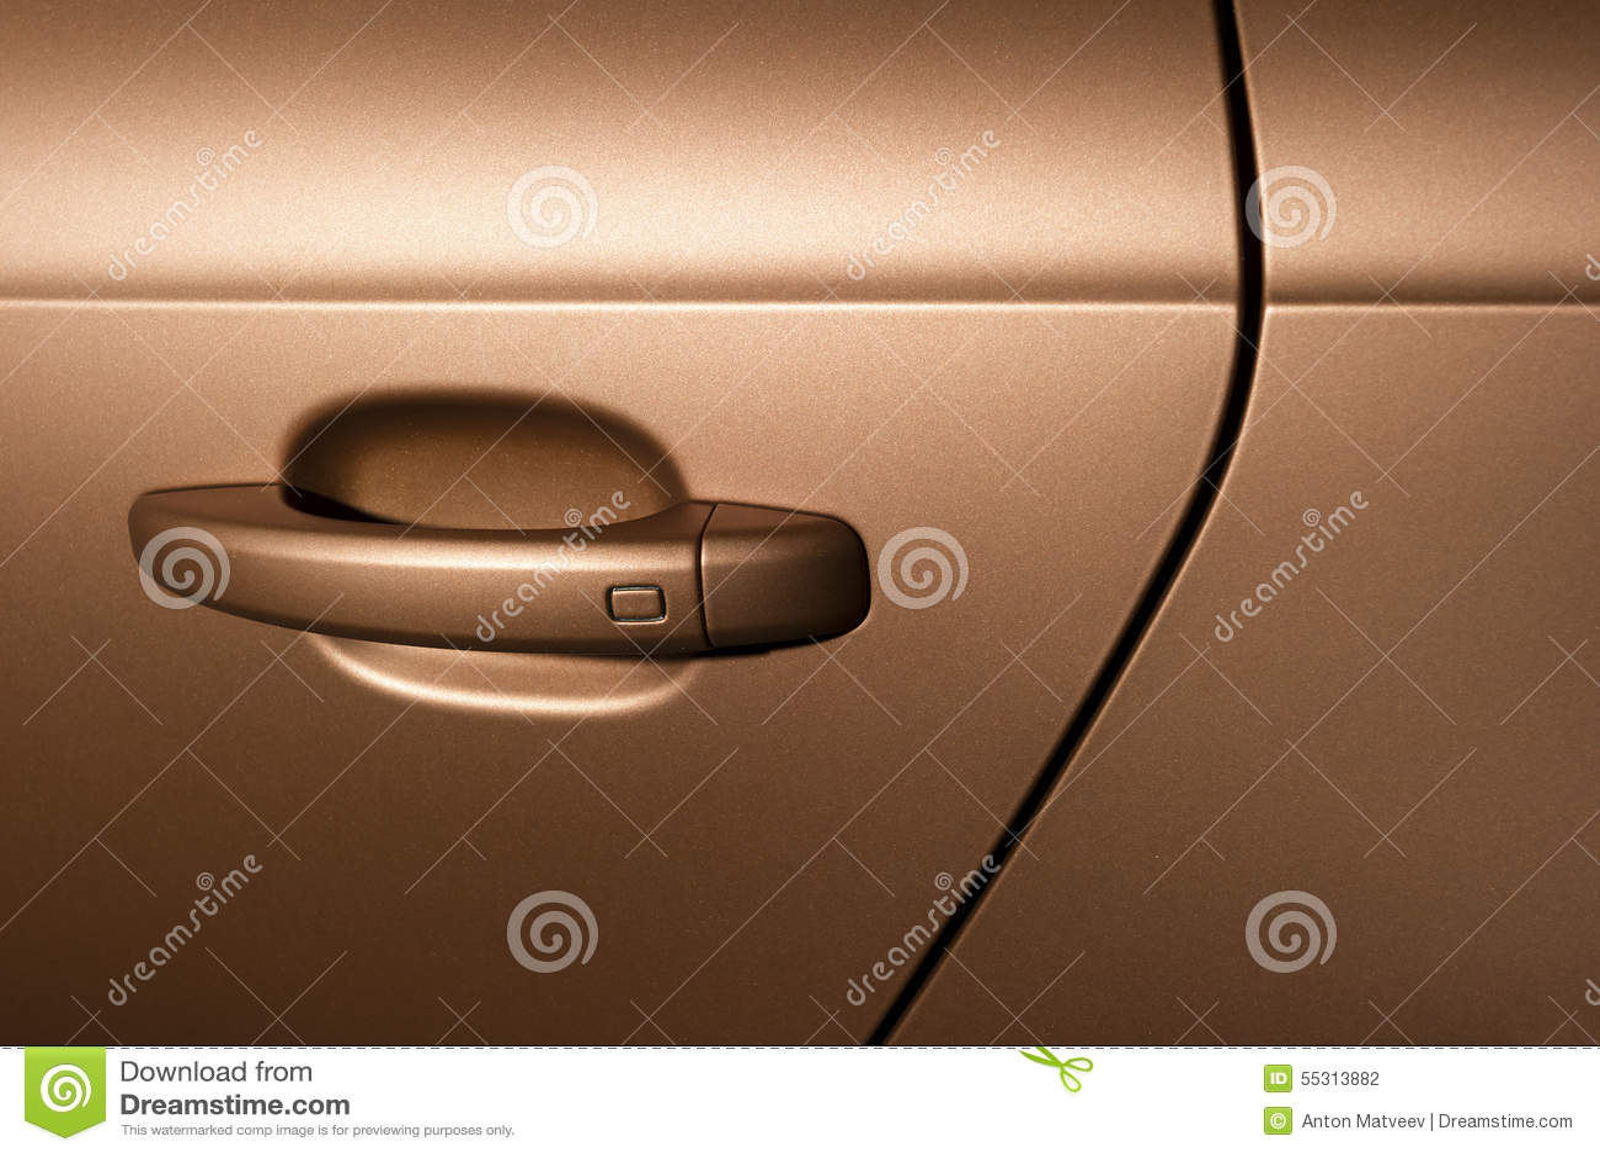 Samochodowa rękojeść